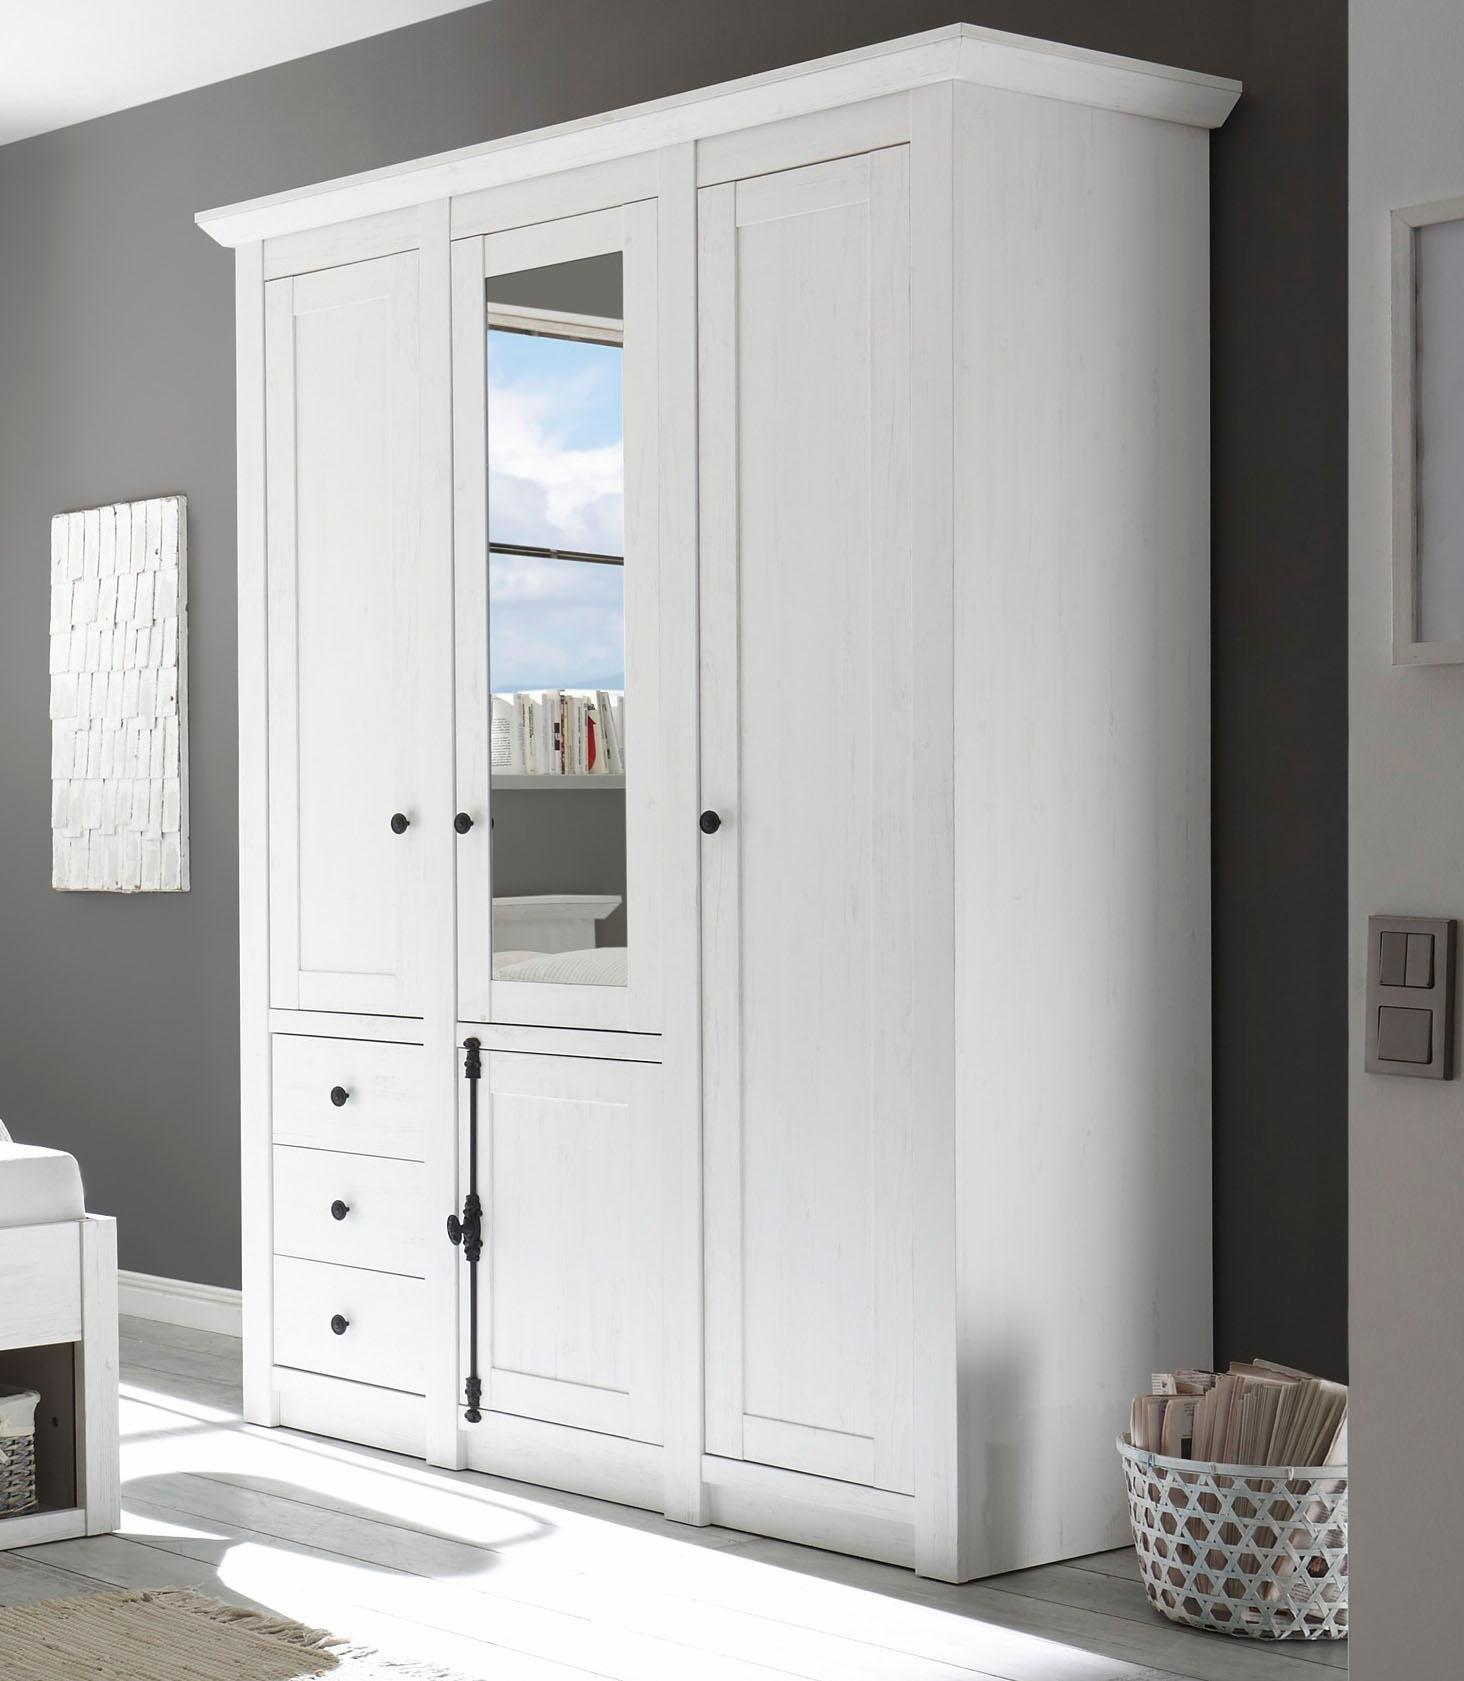 Home affaire Kleiderschrank bestellen | BAUR